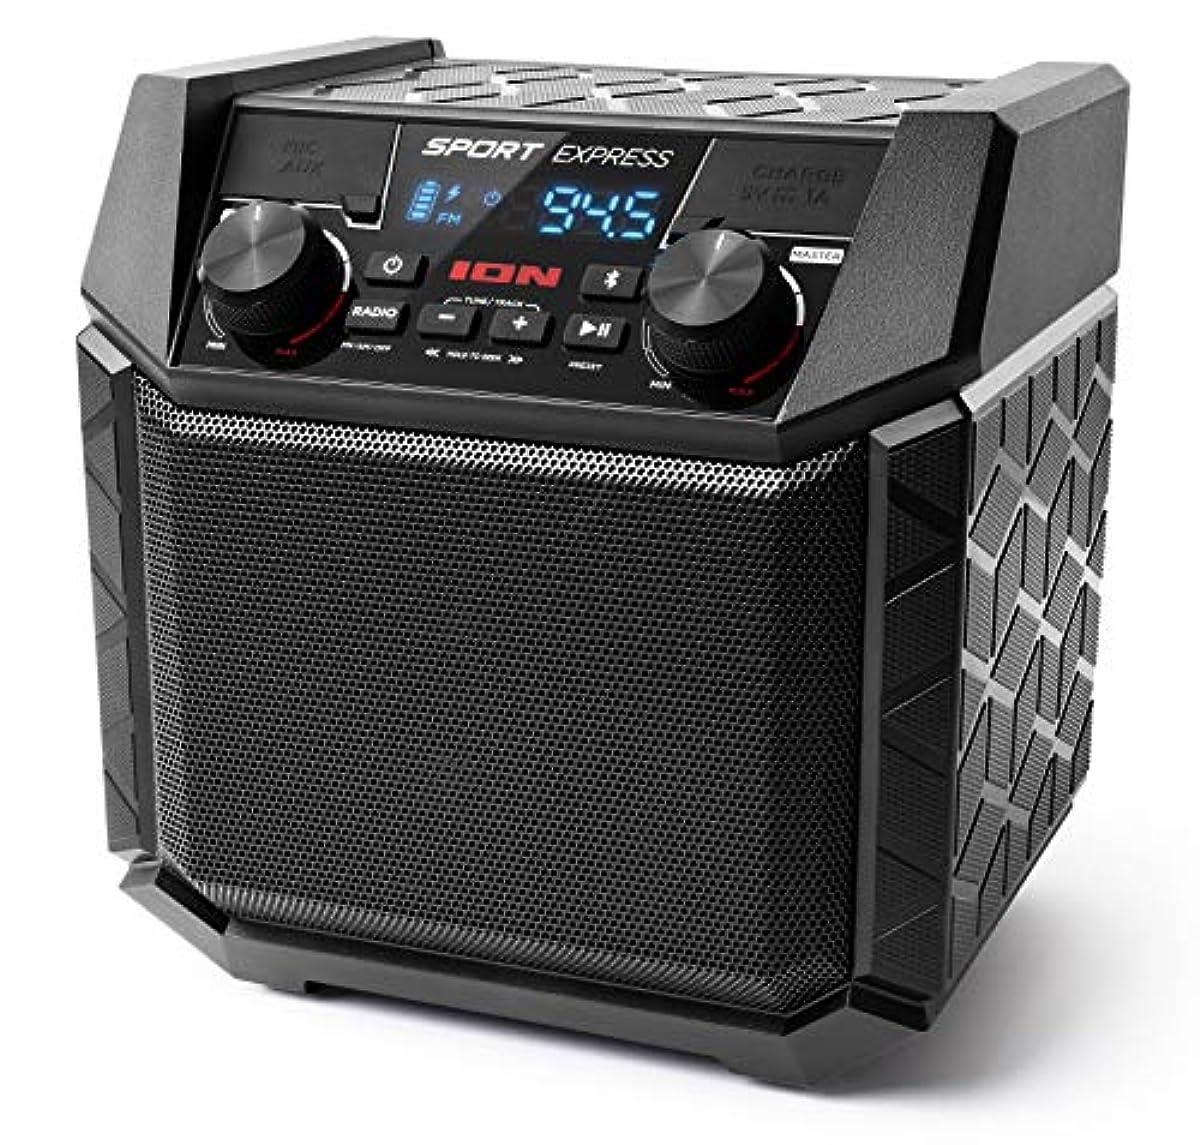 [해외] ION AUDIO 방수BLUETOOTH스피커 50시건 배터리 스마트폰충전 가능 20W AM/FM라디오 SPORT EXPRESS